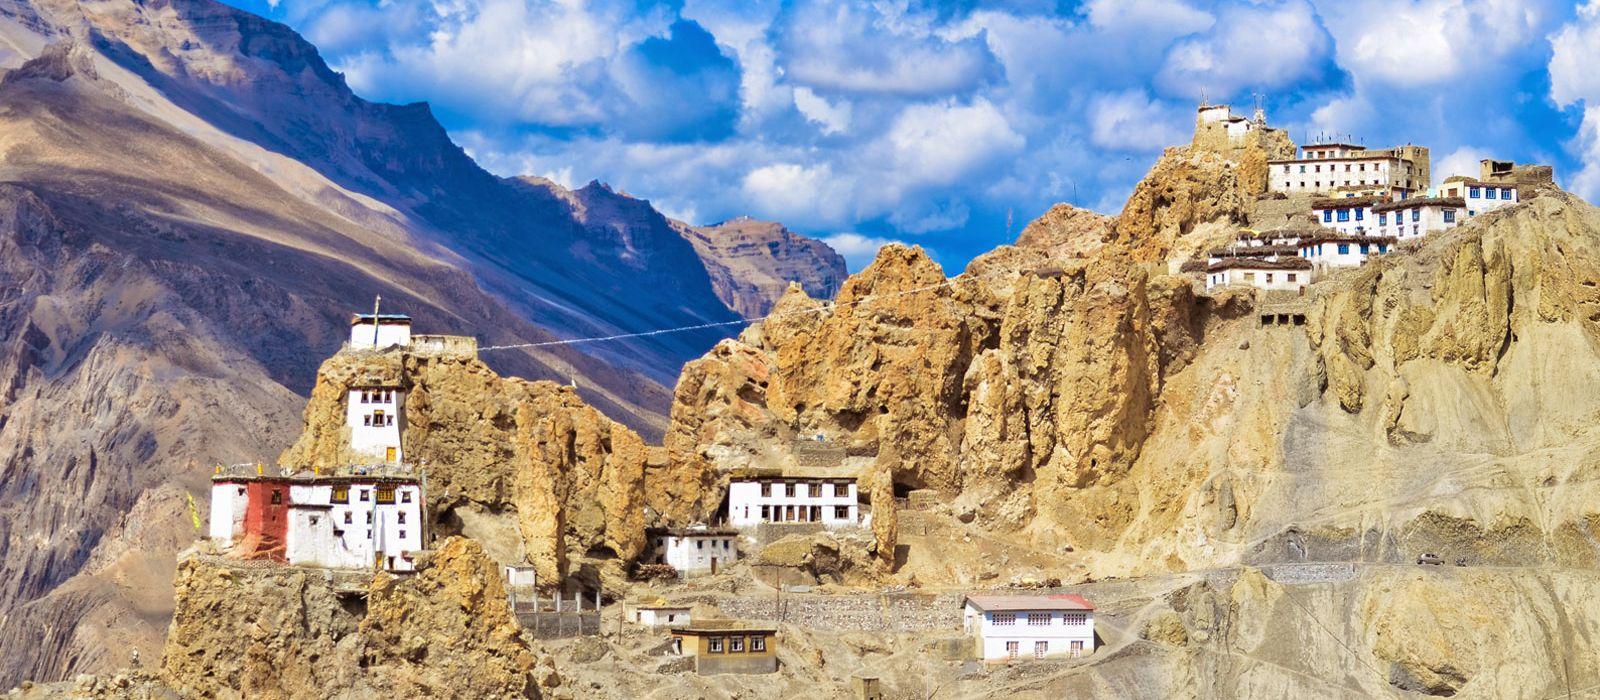 Himalayas Tours & Trips 1